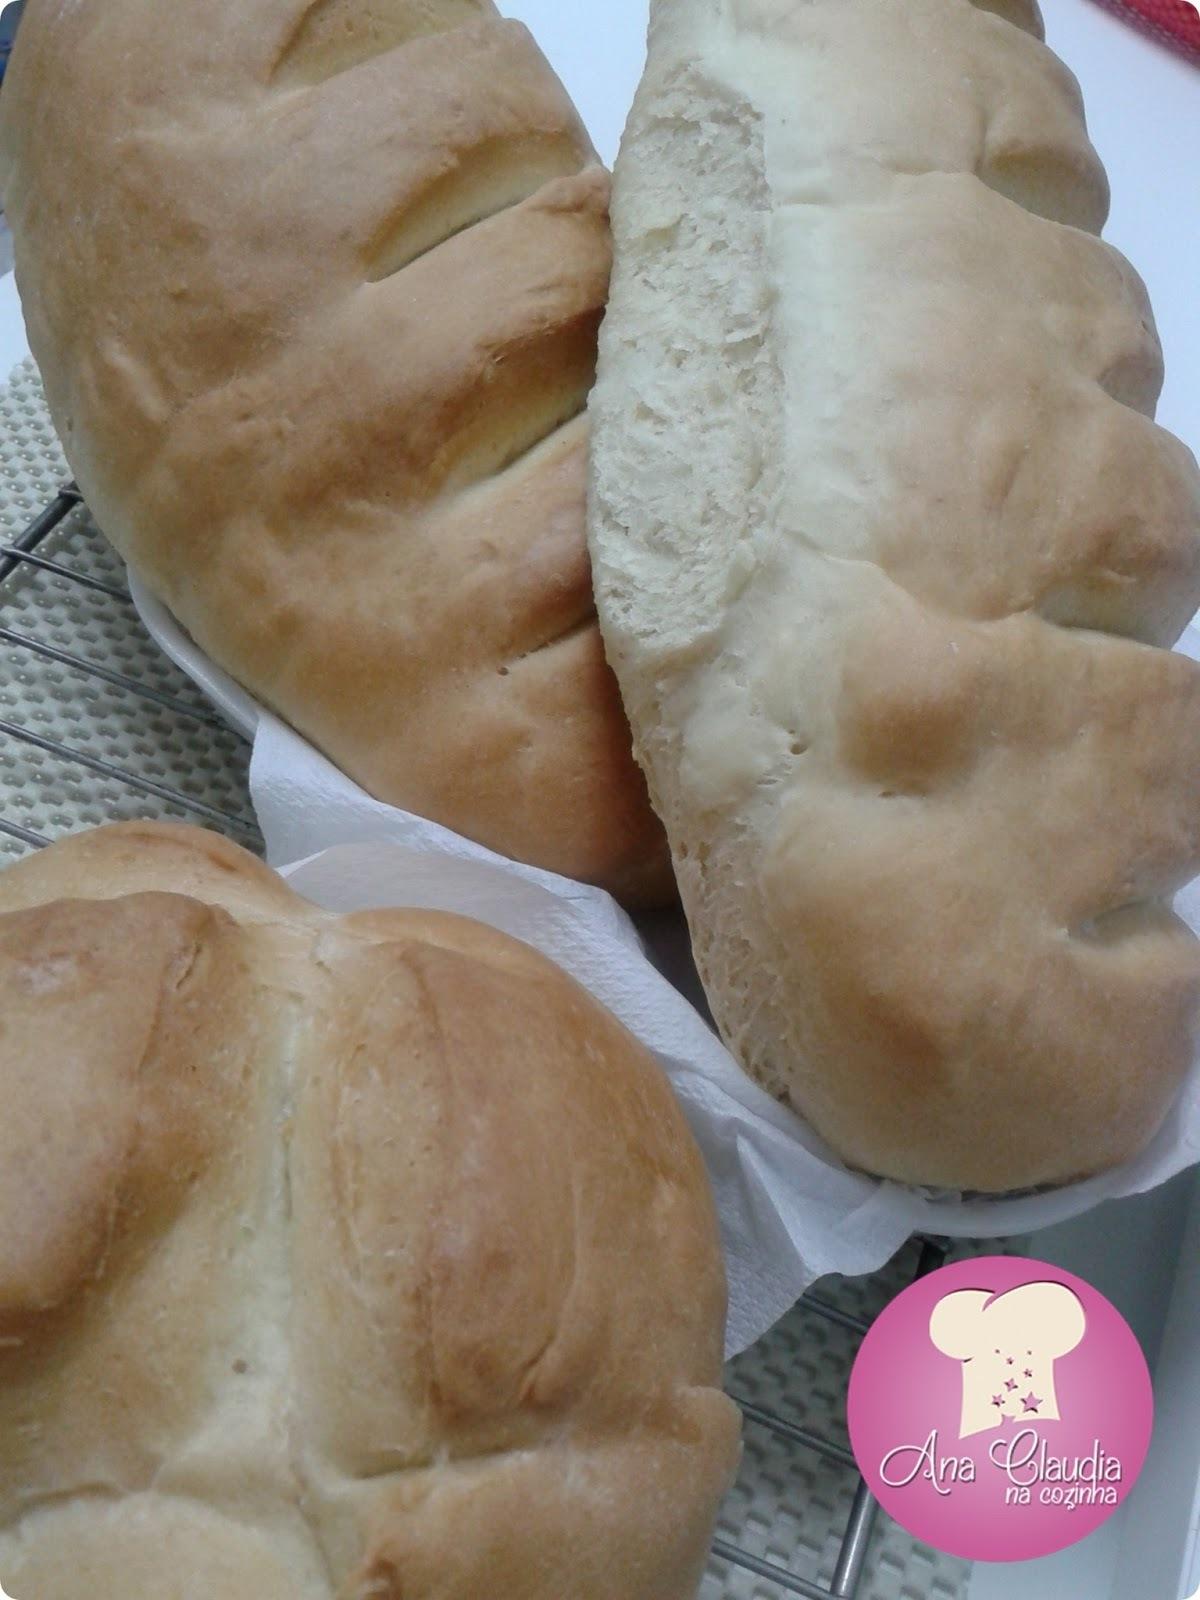 pão caseiro palmirinha